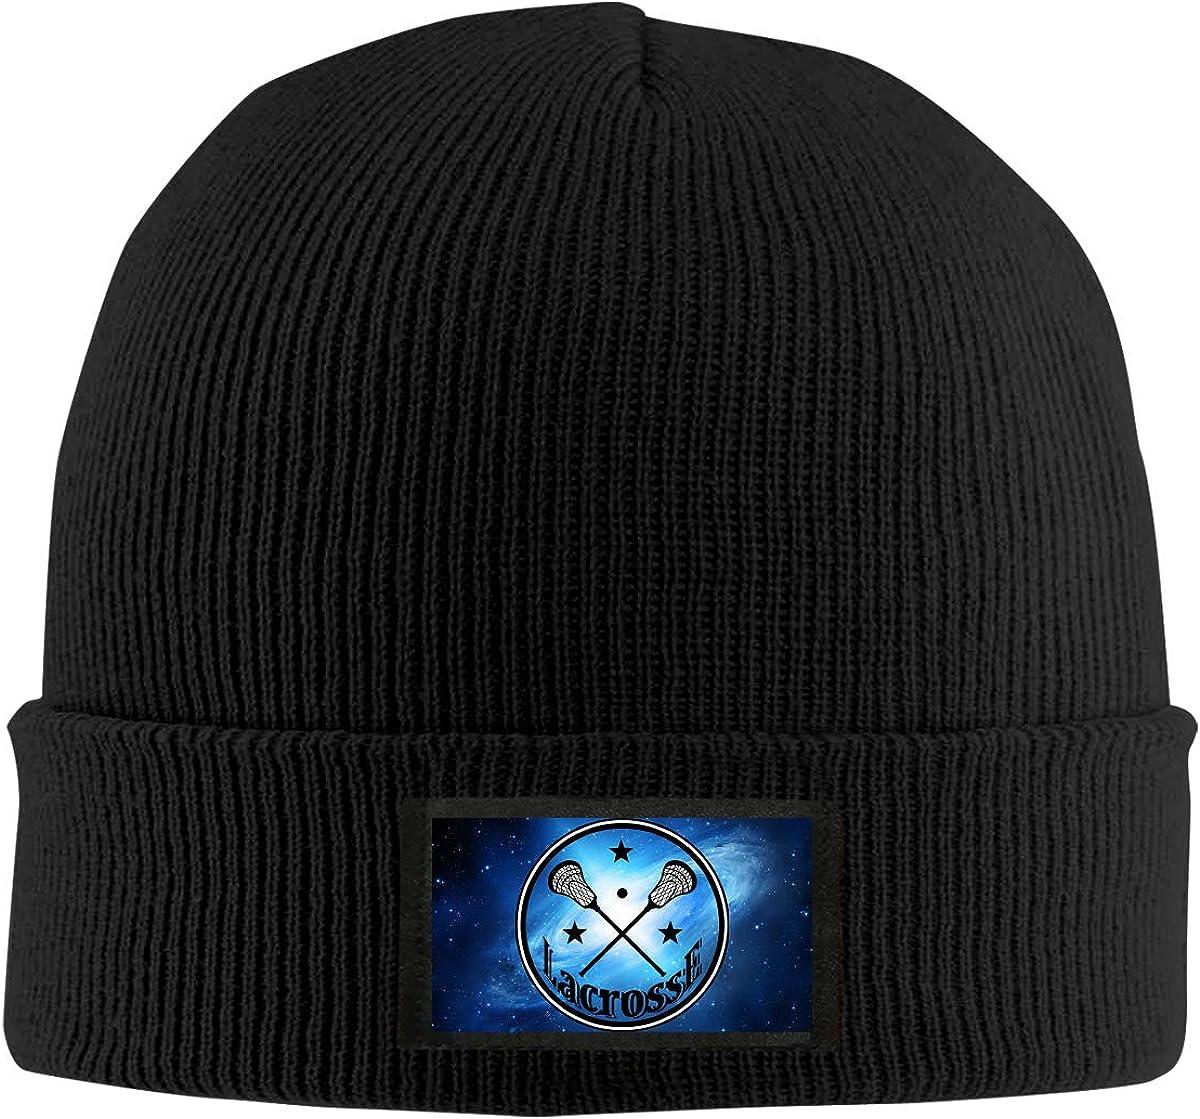 Lacrosse Winter Beanie Hat Knit Hat Cap for Men /& Women